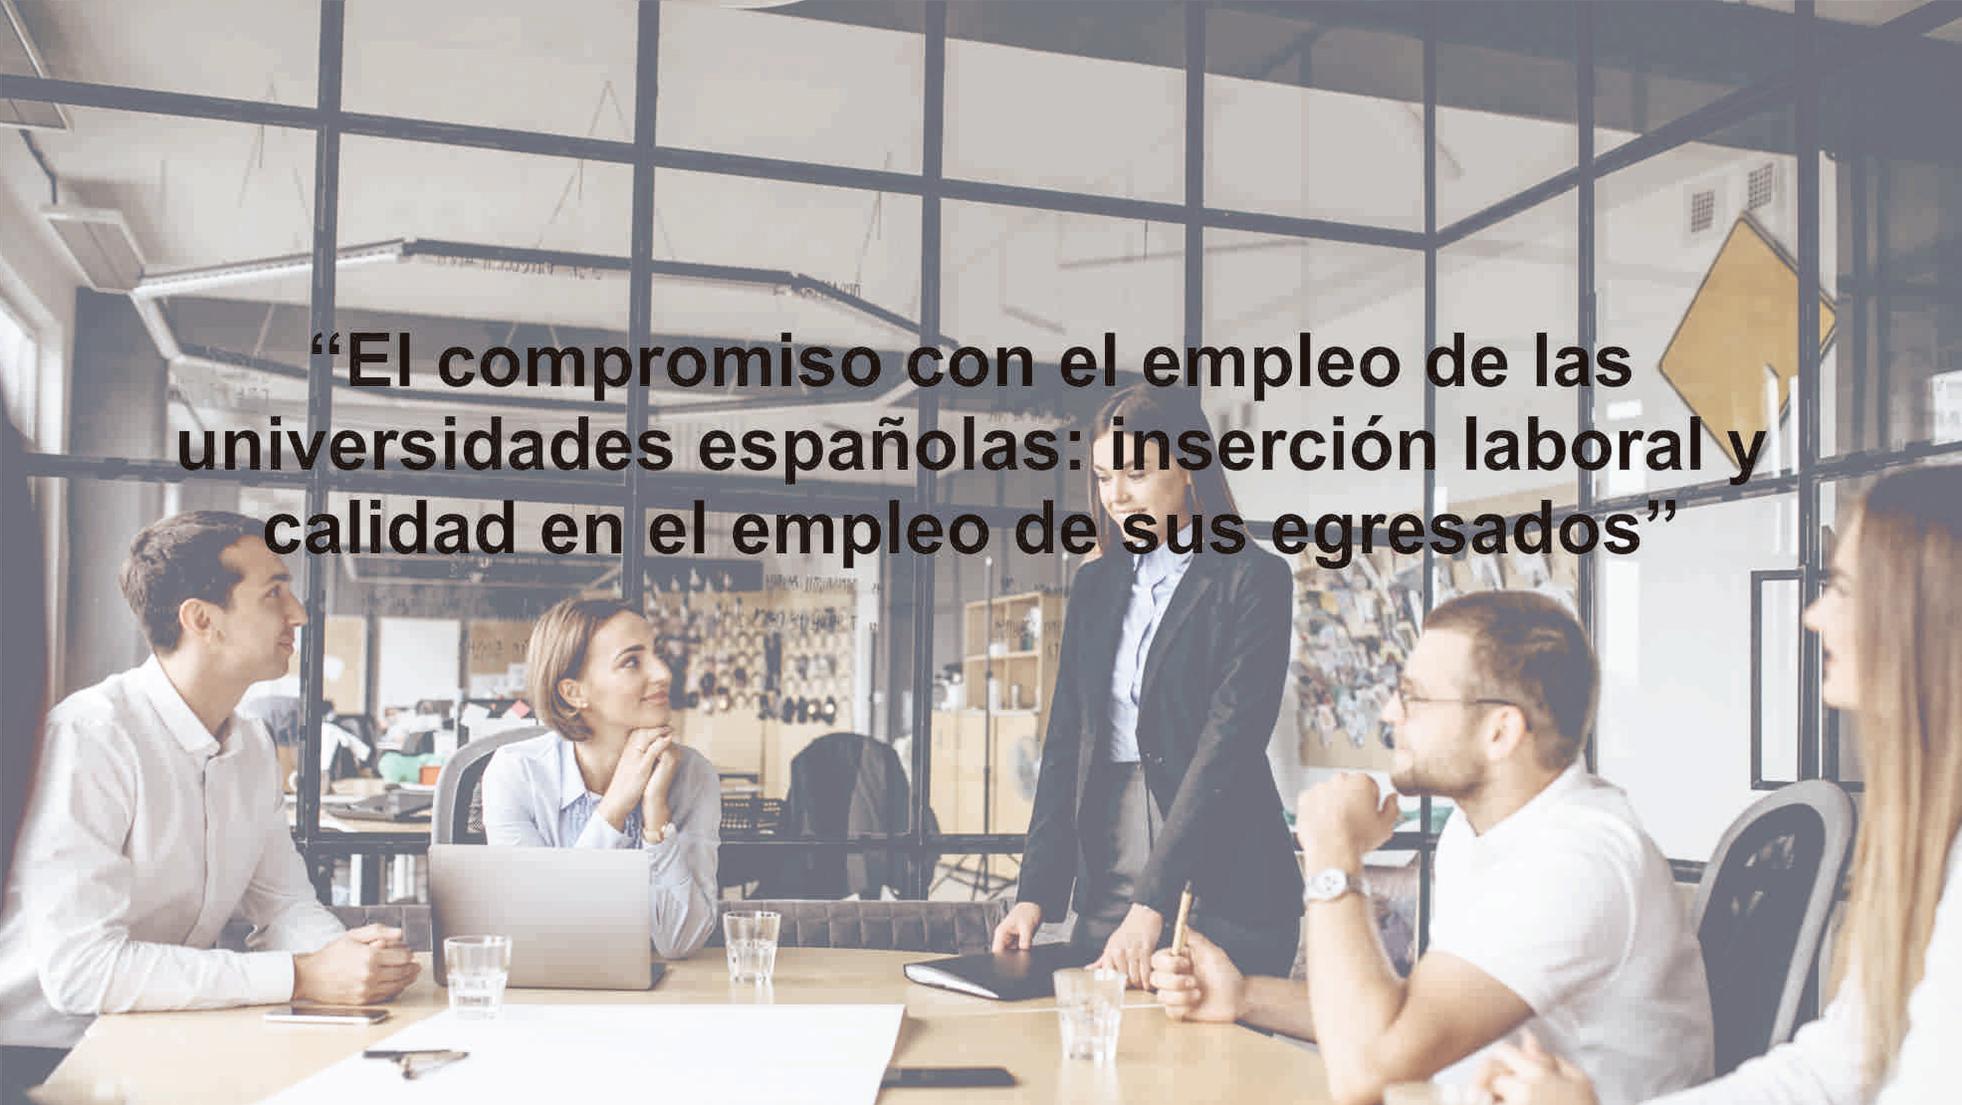 EL COMPROMISO CON EL EMPLEO DE LAS UNIVERSIDADES ESPAÑOLAS